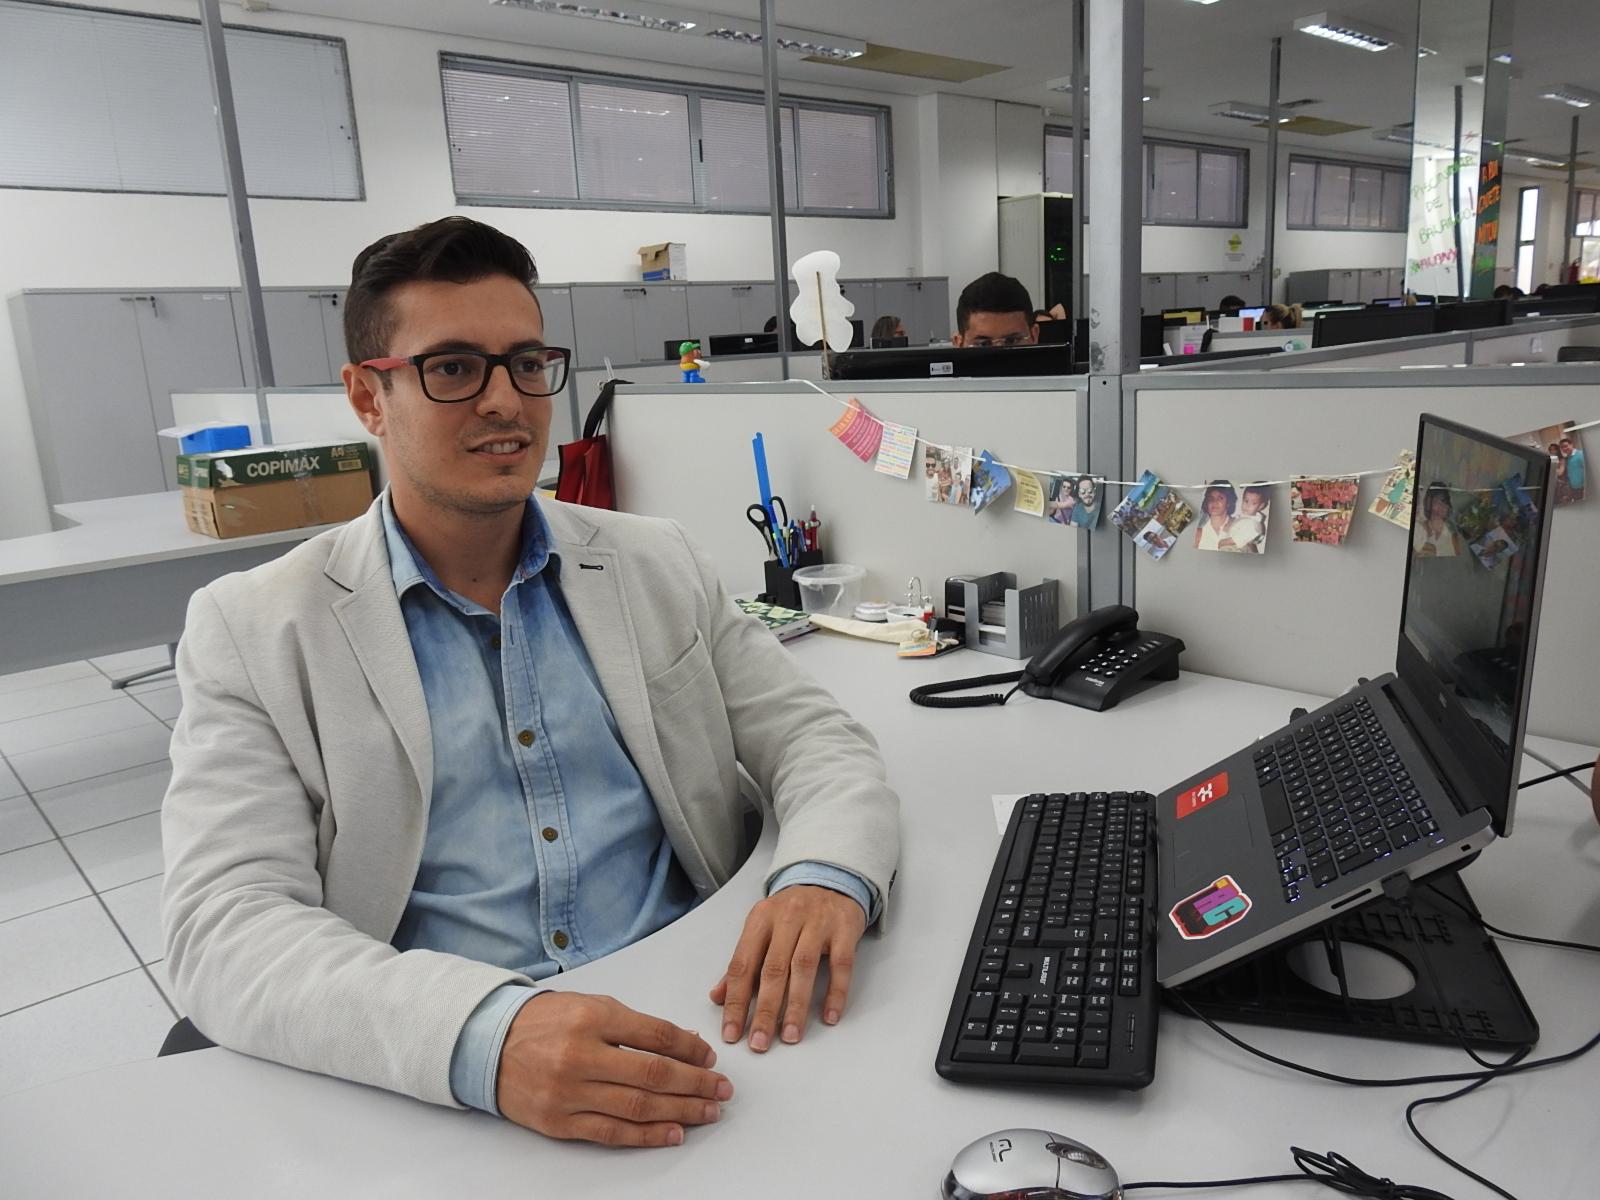 Número de microempreendedores cresce no Rio Grande do Norte